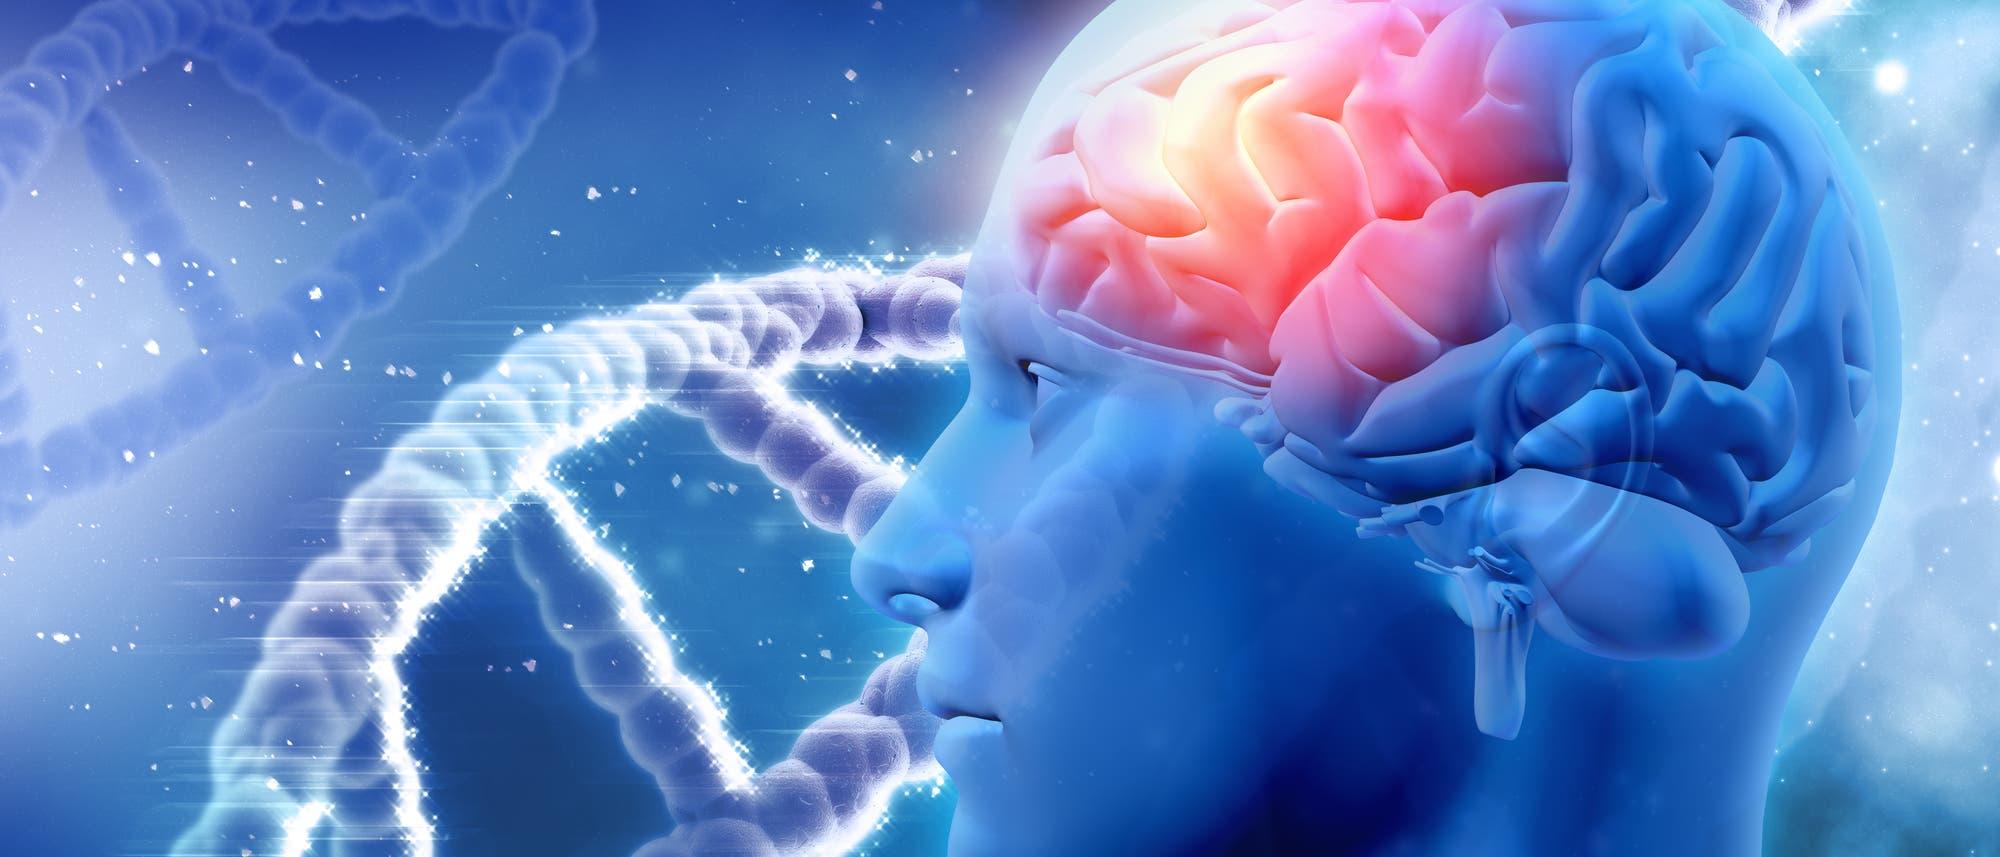 Gehirn und DNA